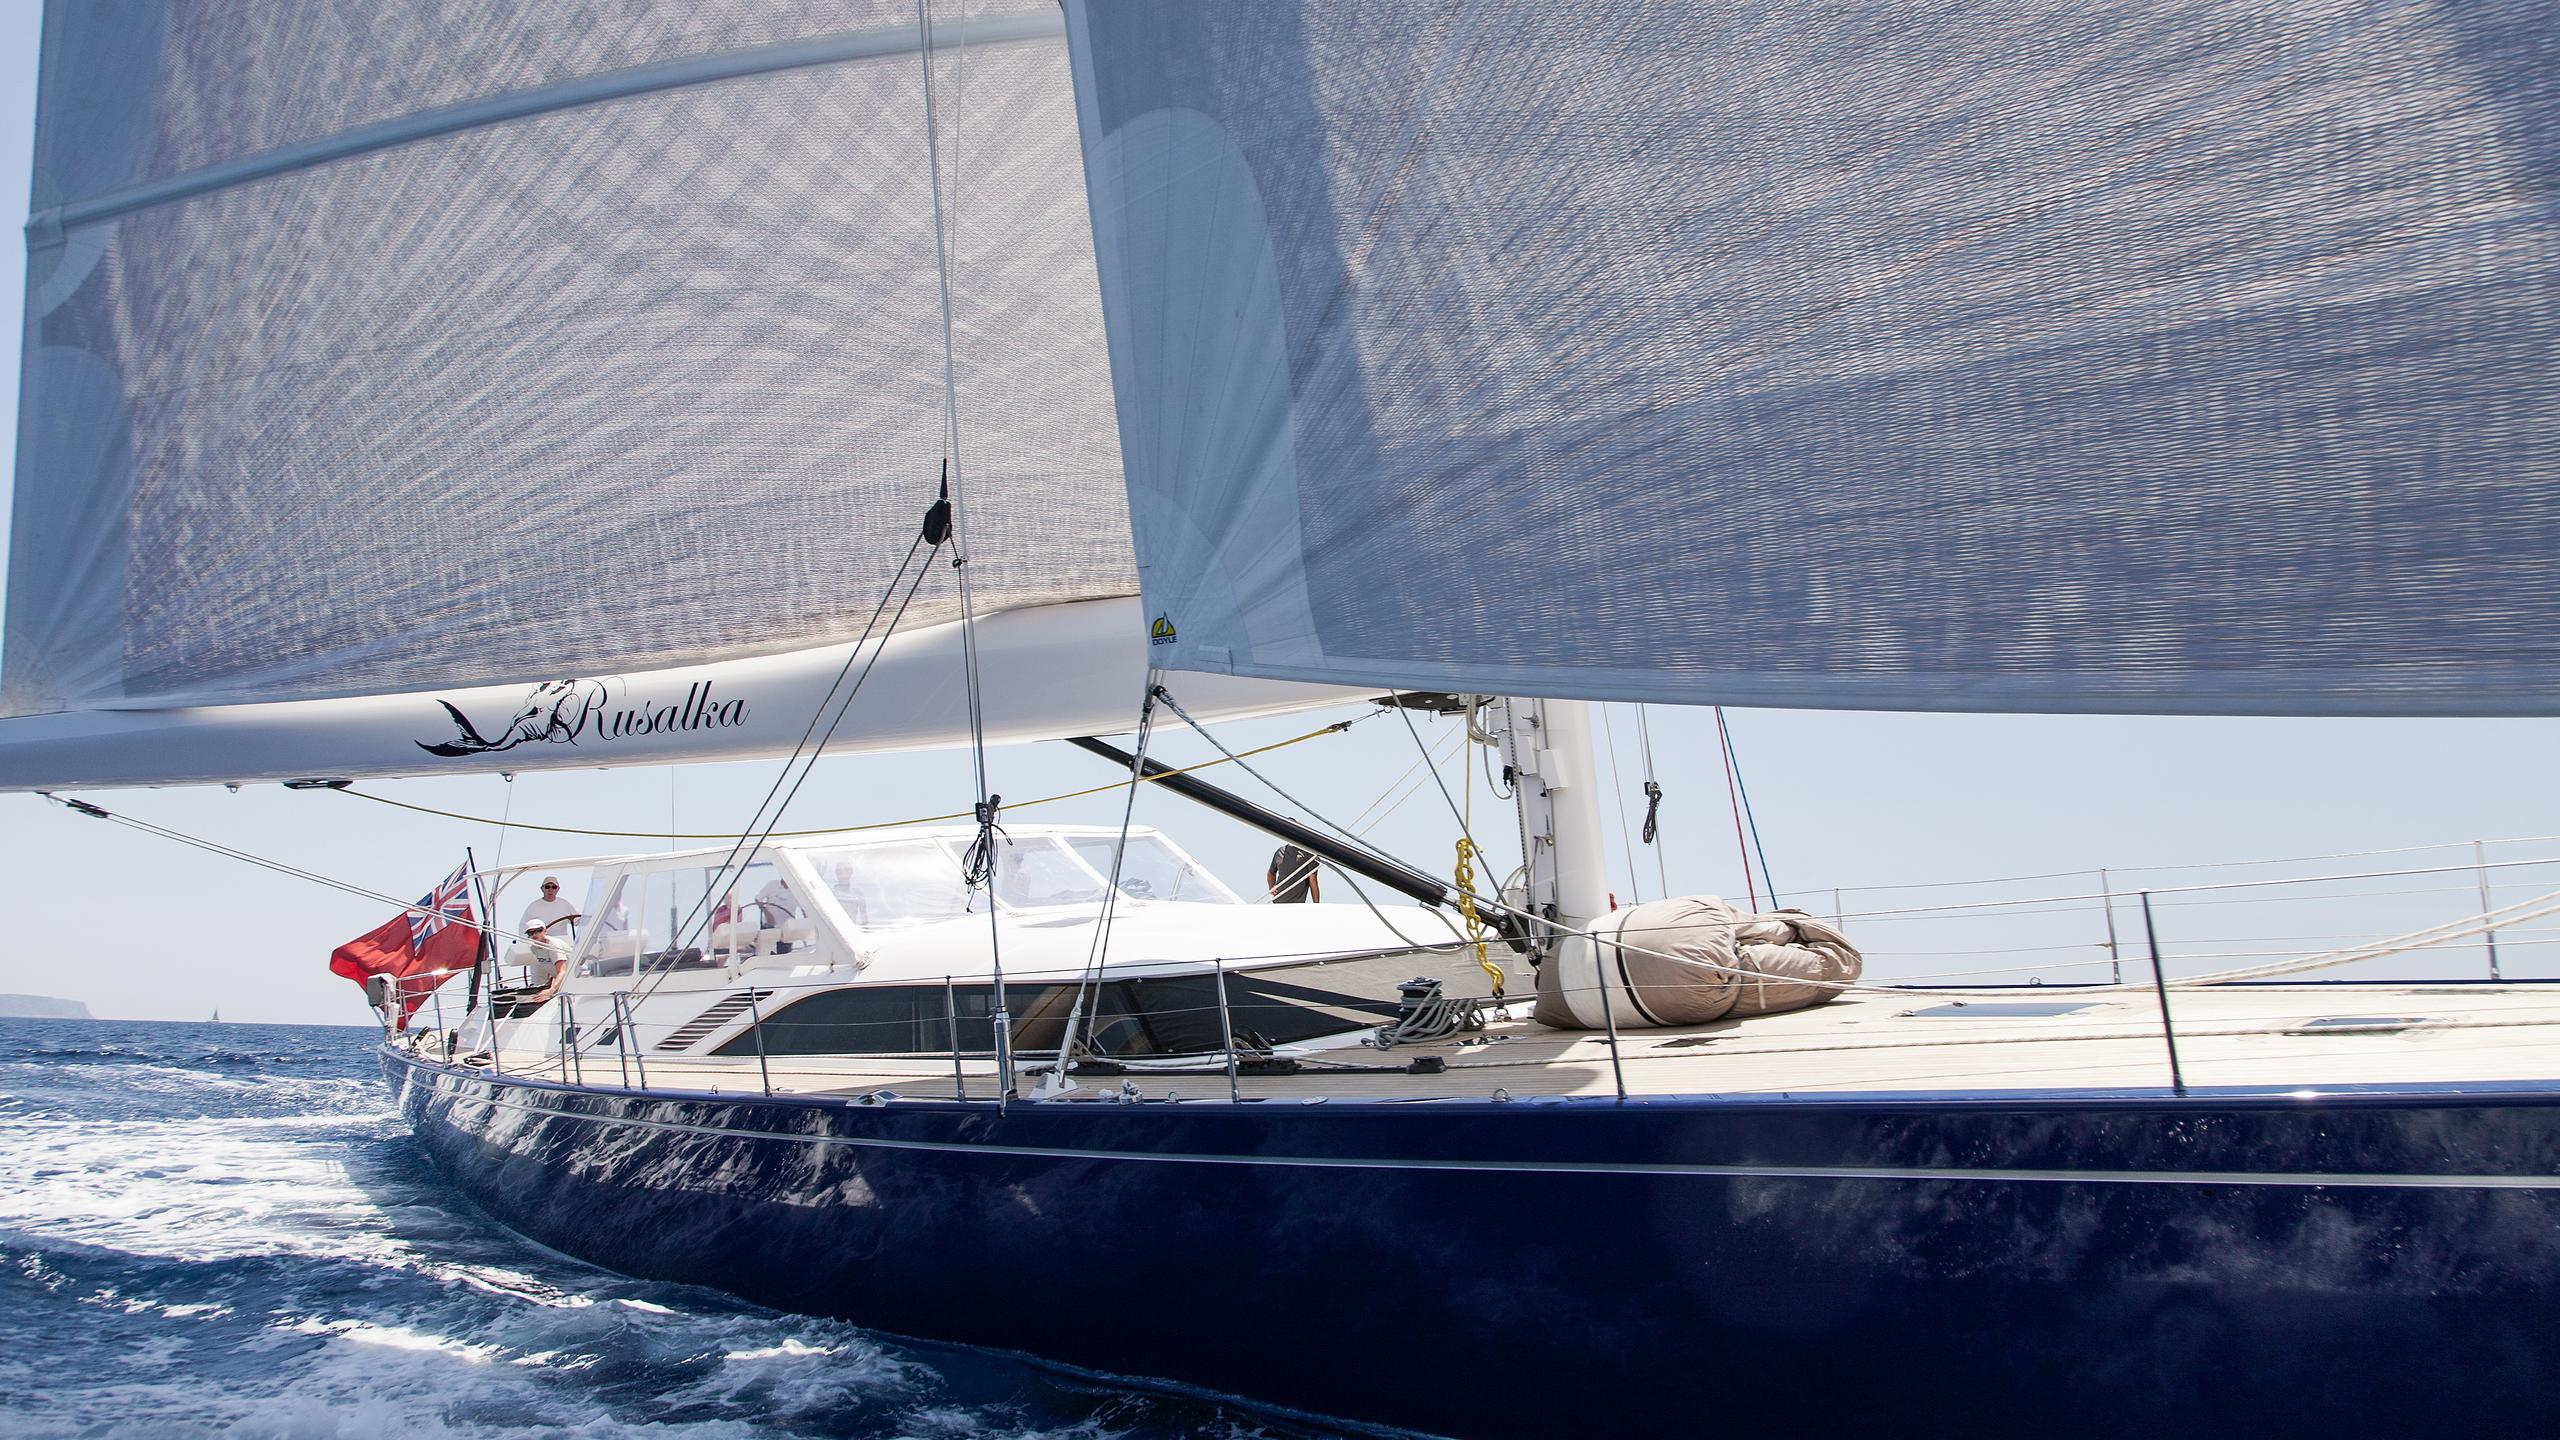 rusalka-yacht-sailing